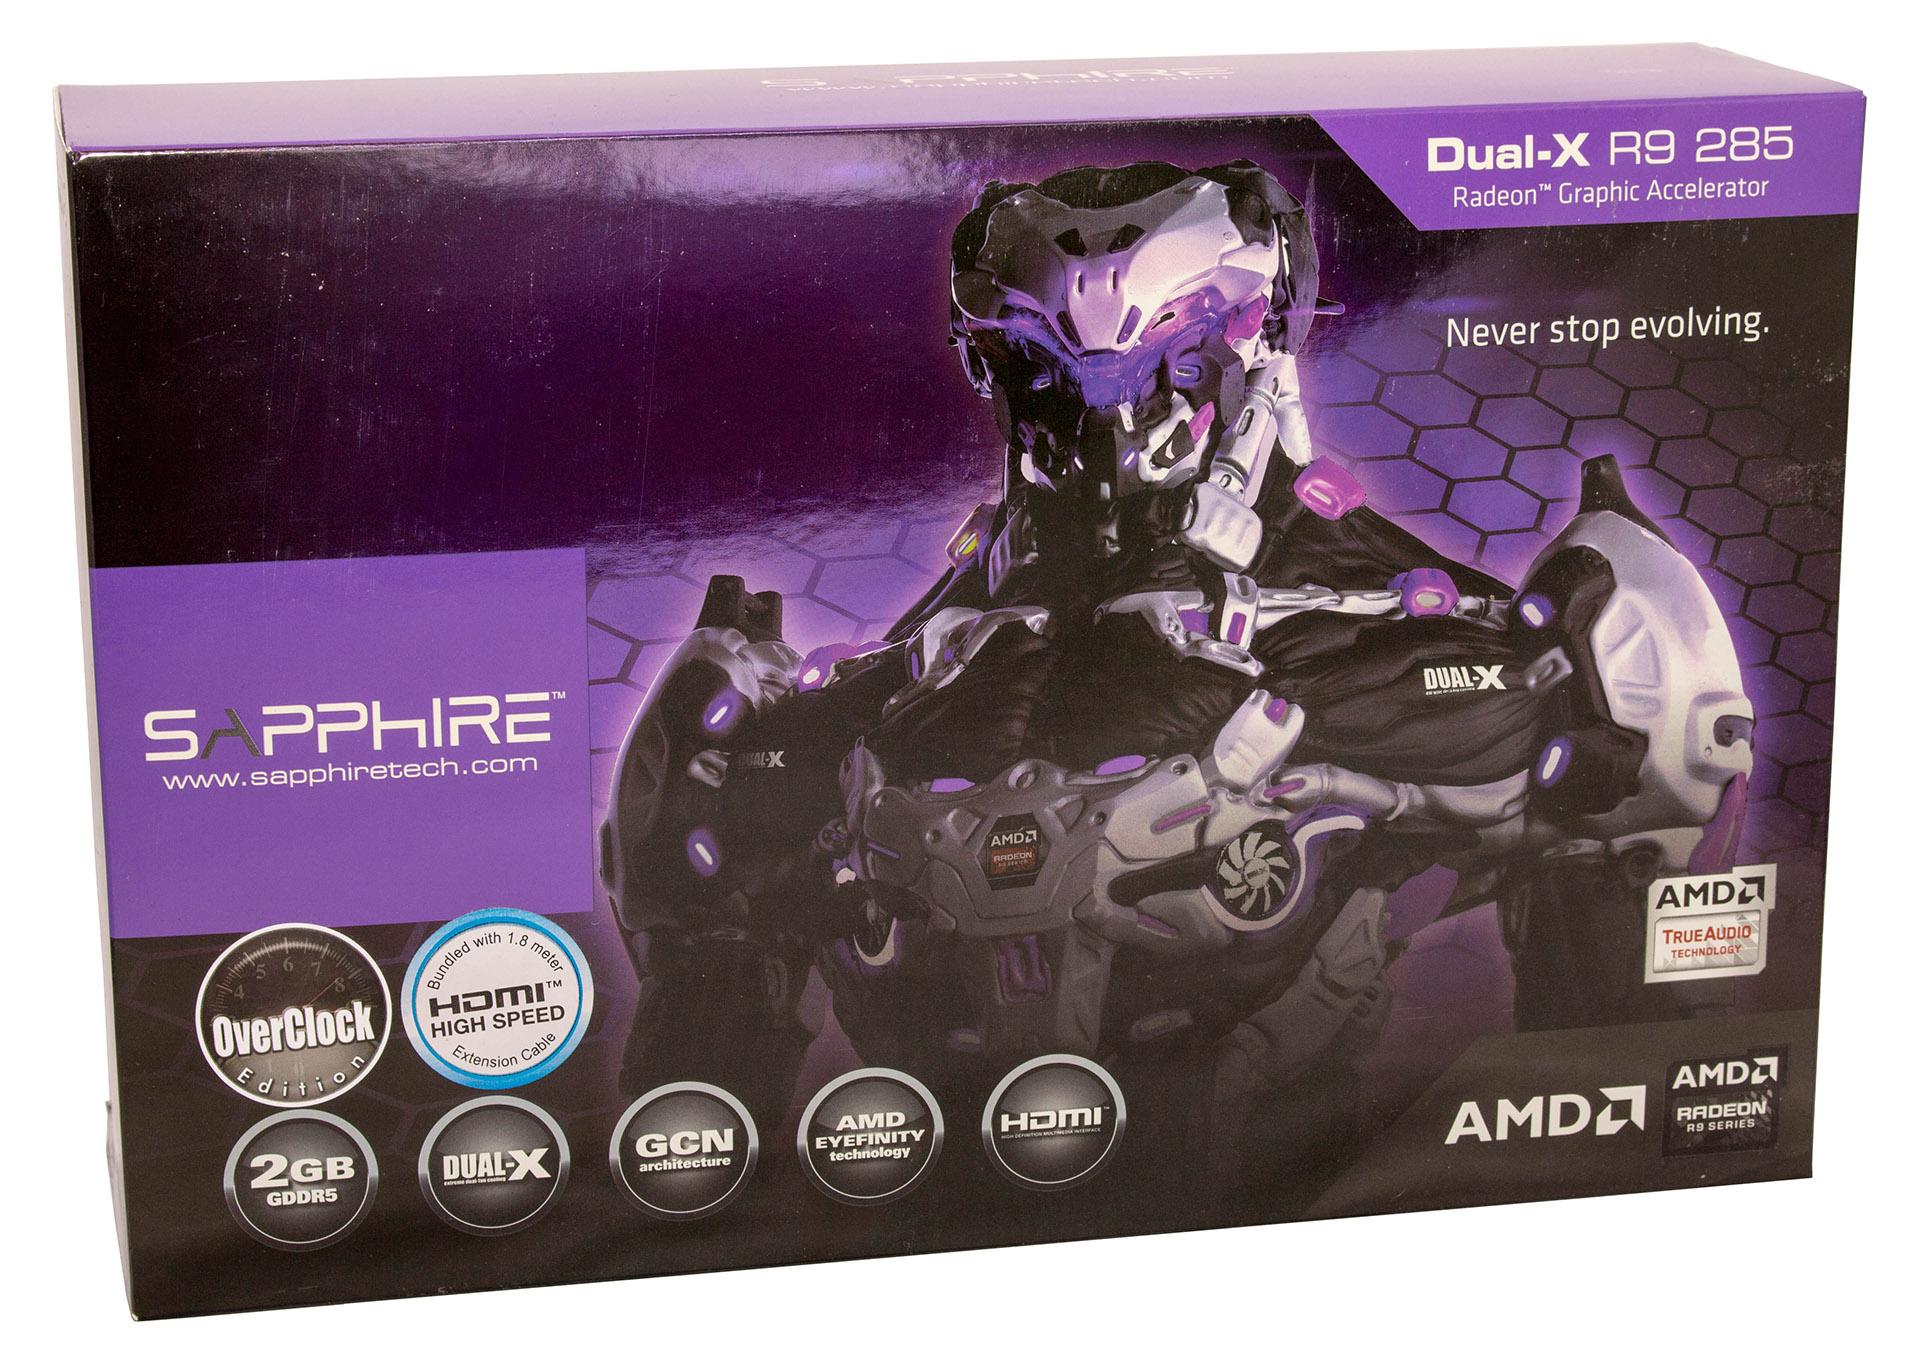 Sapphire R9 285 Dual-X test